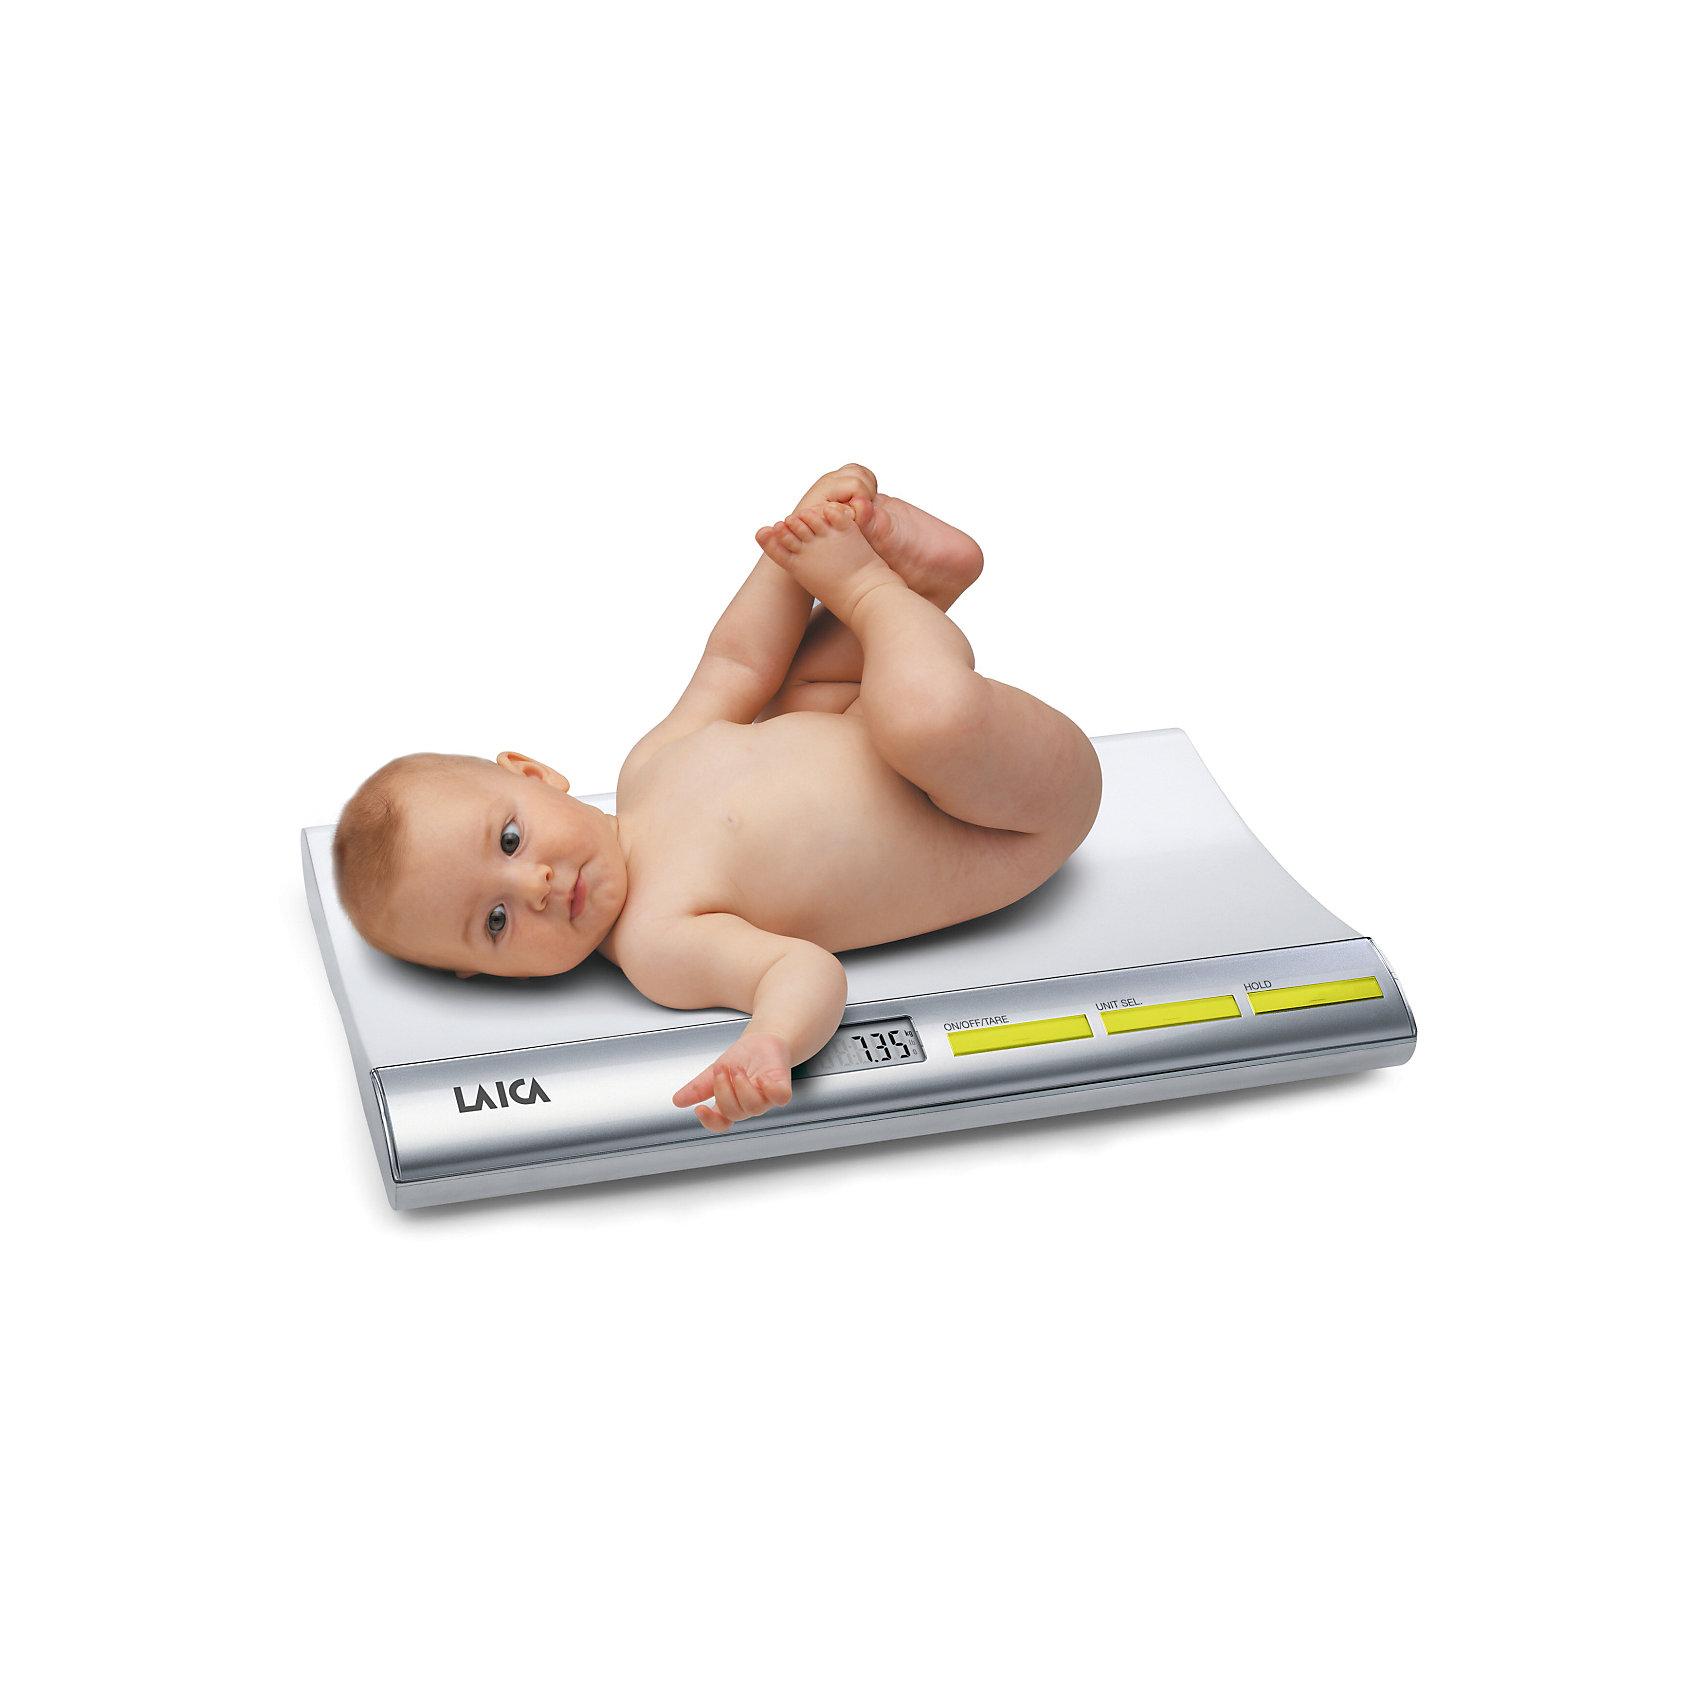 Весы PS 3001 LAICAДетская бытовая техника<br>Каждой маме хочется знать, насколько поправился ее малыш, сколько он прибавляет в неделю или месяц. Отслеживая изменения веса ребенка можно сделать выводы о его общем состоянии, отследить сколько питания усвоилось после кормления и просто порадоваться за своего крепыша.  Детские весы LAICA обладают функцией TARE, которая позволяет вам взвешивать ребенка, не учитывая вес пеленки, на которой лежит малыш. И функцией WEIGHT-BLOCK, которая показывает точный вес ребенка, даже если  малыш лежит неспокойно. Весы LAICA - прекрасный вариант для мам и малышей!<br><br>Дополнительная информация:<br><br>- Материал: пластик, металл.<br>- Размер: 51х31х6 см.<br>- Дискретность измерения:  5 гр.<br>- Максимальный вес ребенка: 20 кг. <br>- Функция «Tare».<br>- Функция «Weight-Block». <br>- Фиксация значения веса.  <br>- Автоотключение.<br>- Вес: 2,8 кг.<br>- Элемент питания:  4 батарейки AAA LR03 (не входит в комплект).<br> <br>Весы PS 3001 LAICA  можно купить в нашем магазине.<br><br>Ширина мм: 90<br>Глубина мм: 550<br>Высота мм: 360<br>Вес г: 2200<br>Возраст от месяцев: 0<br>Возраст до месяцев: 36<br>Пол: Унисекс<br>Возраст: Детский<br>SKU: 4595152